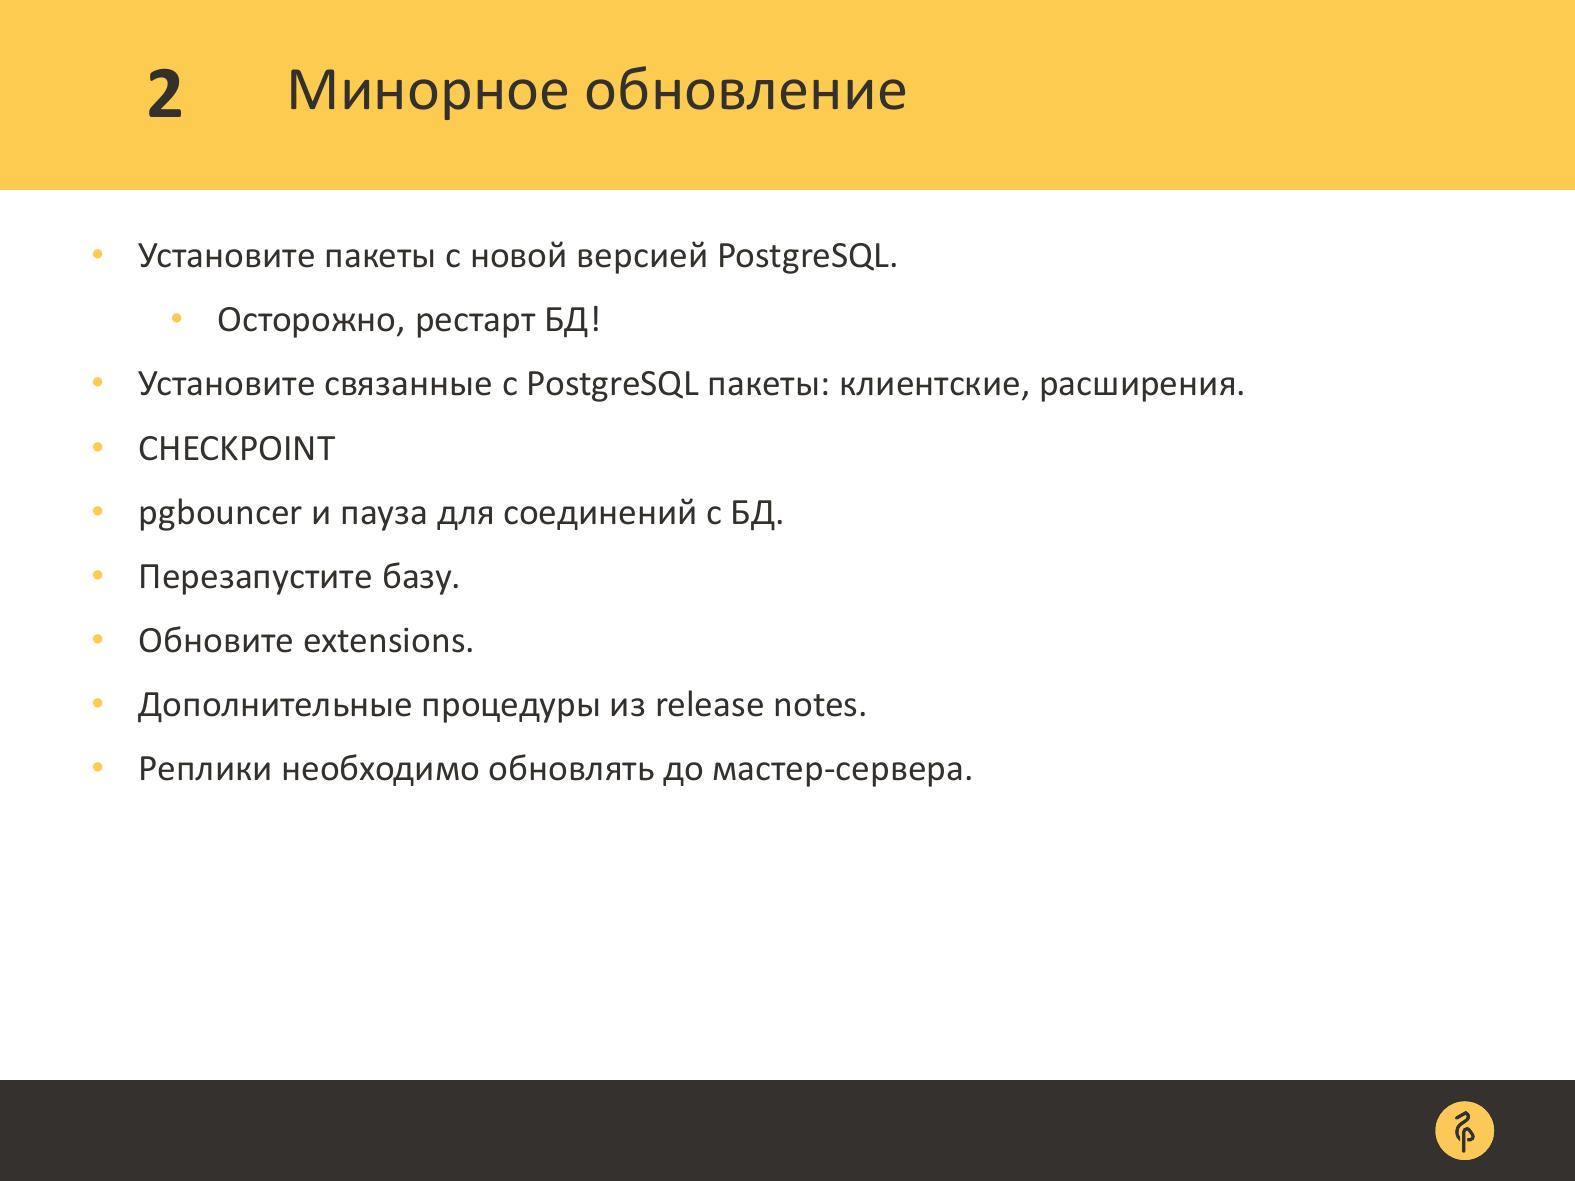 Практика обновления версий PostgreSQL. Андрей Сальников - 7